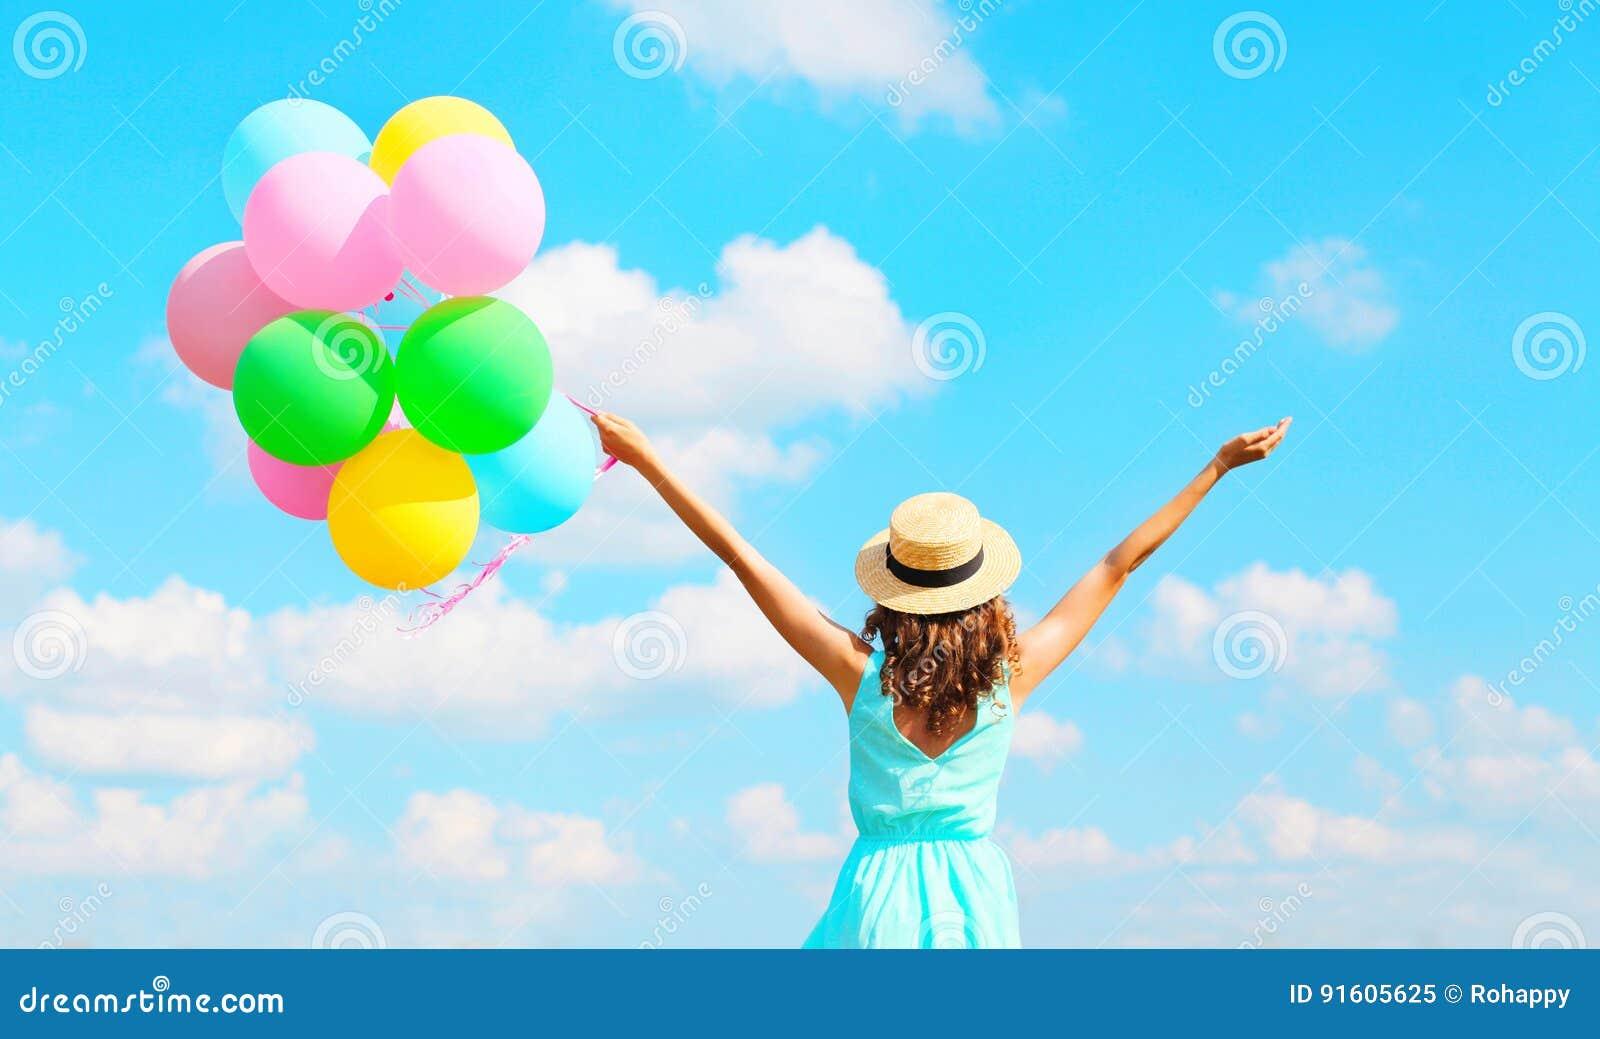 Tycker om den lyckliga kvinnan för den tillbaka sikten med färgrika ballonger för en luft en sommardag på bakgrund för blå himmel